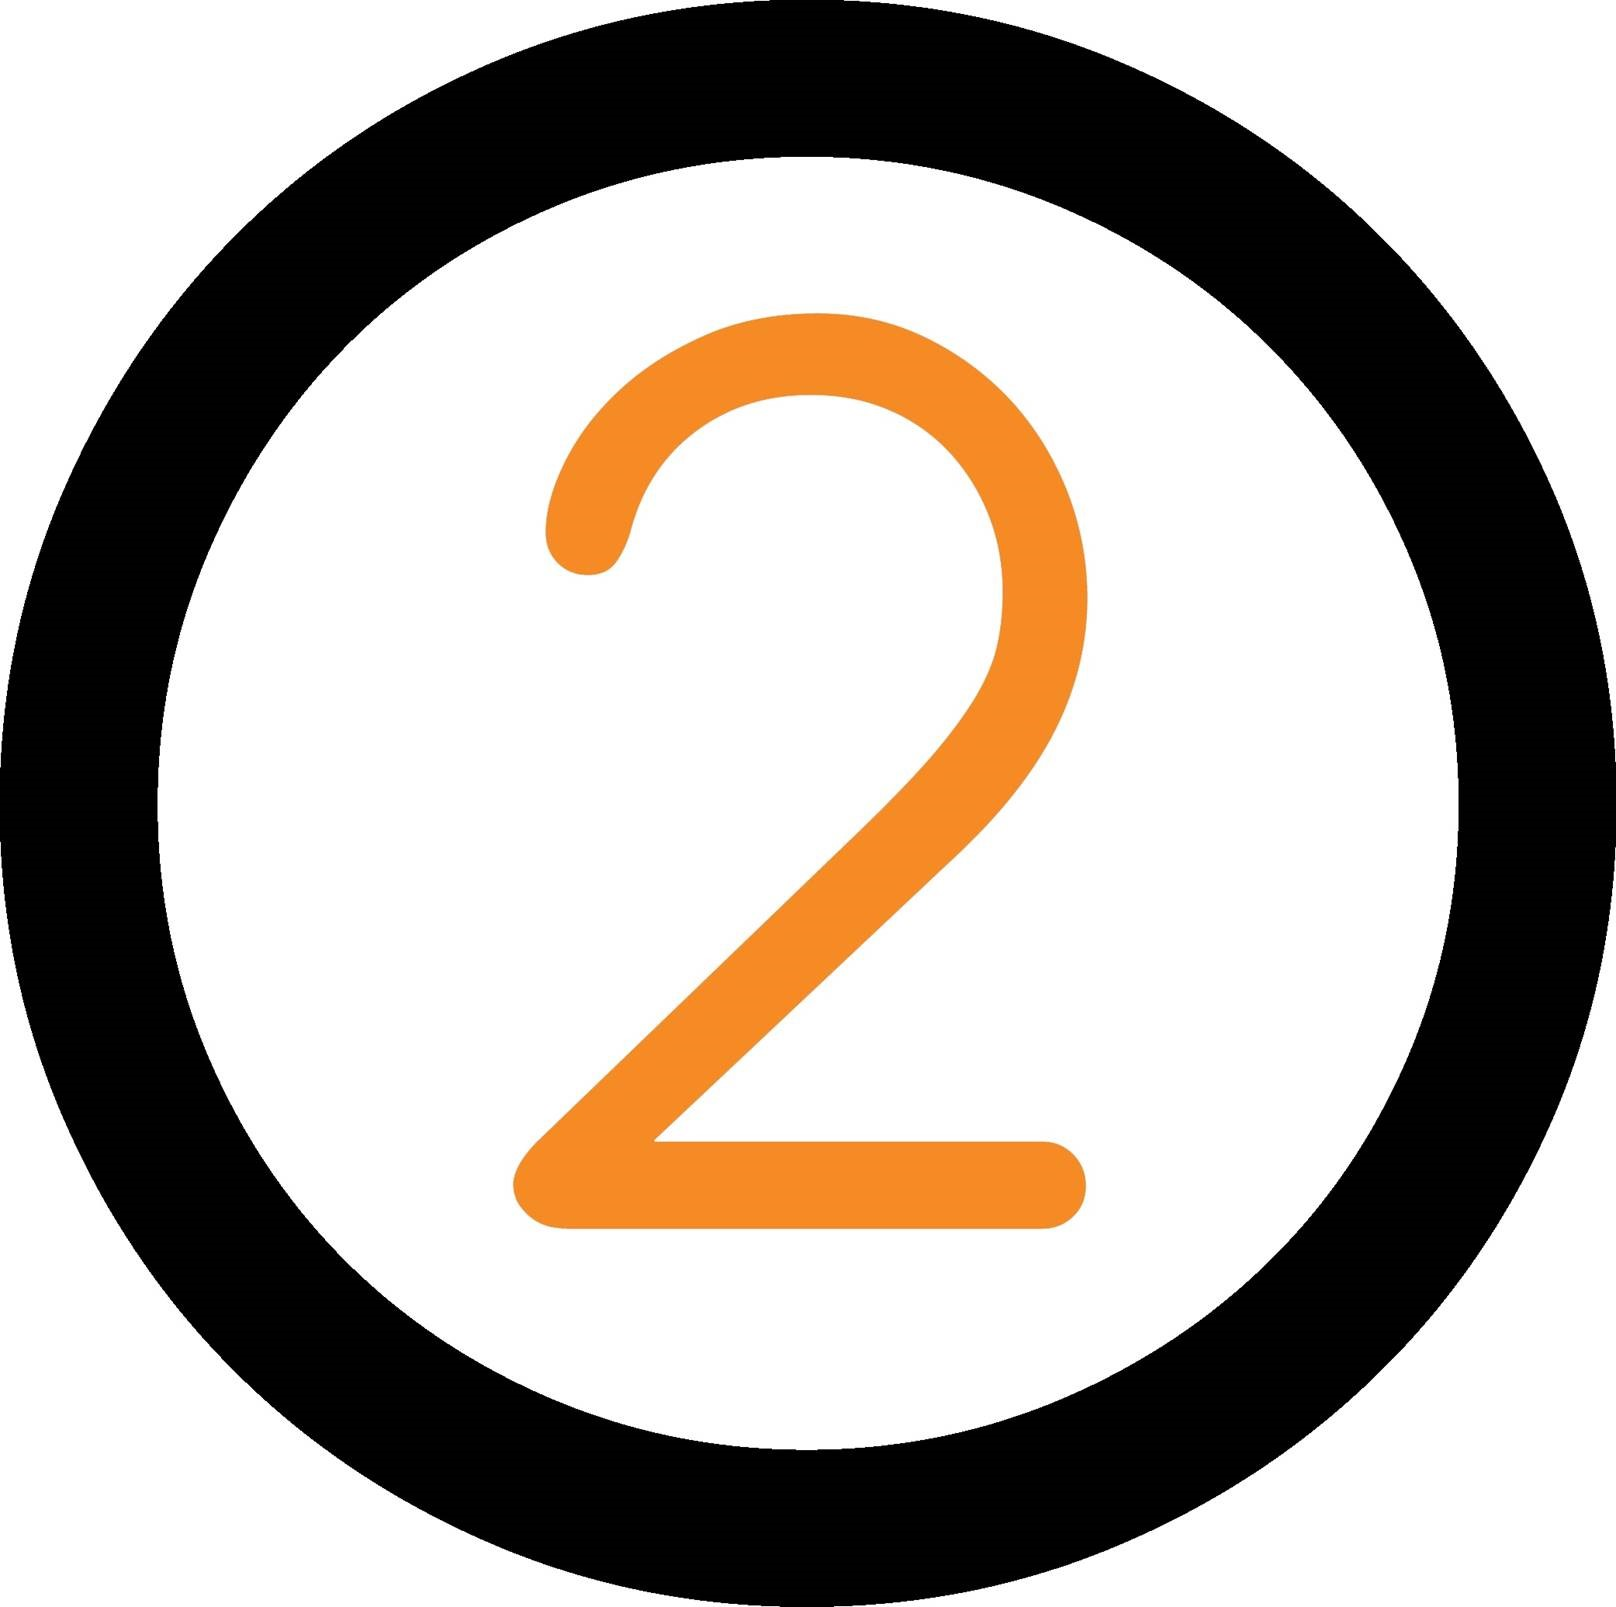 2Innovate